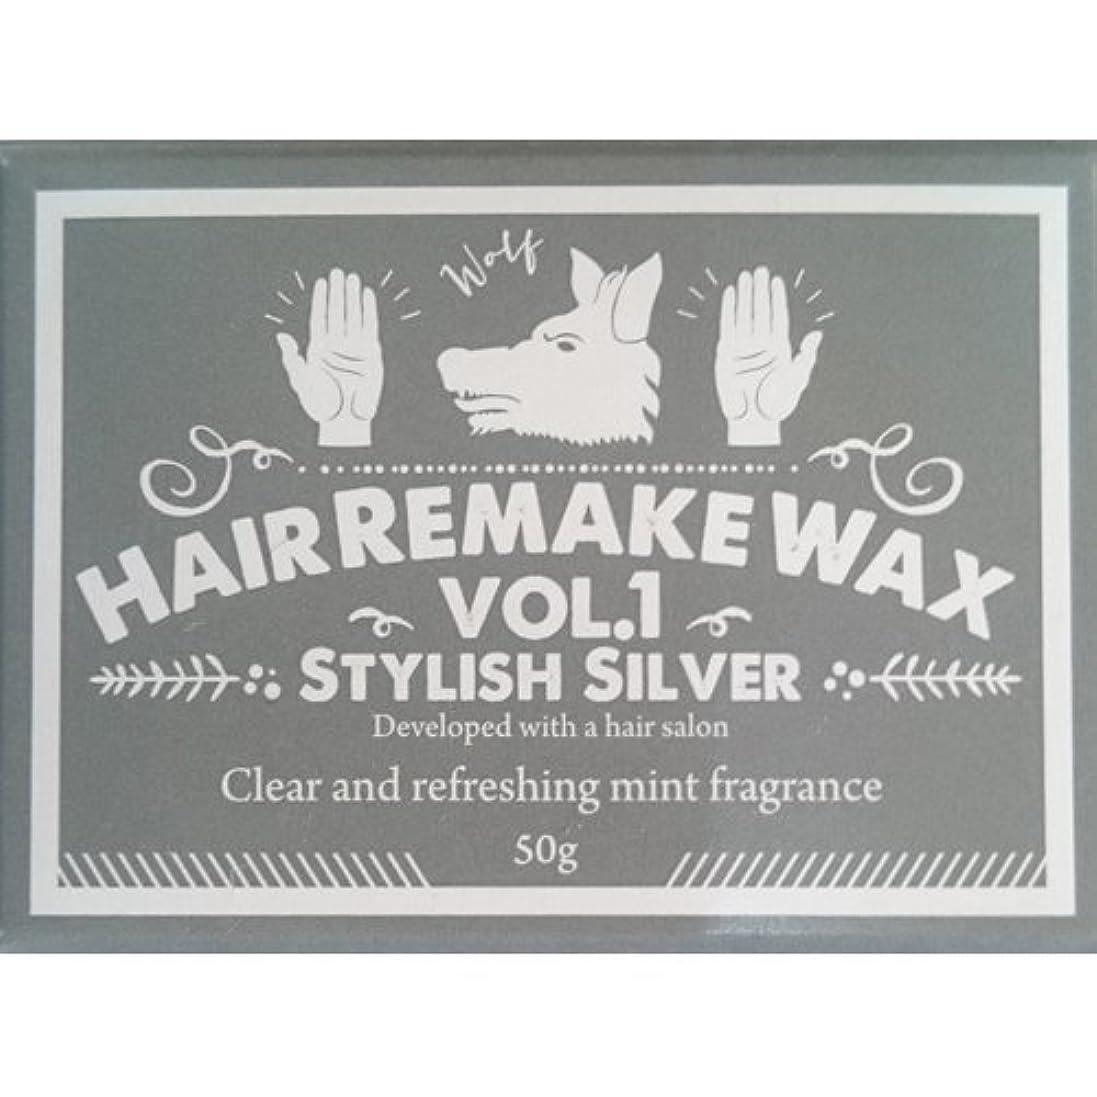 回答徐々に便宜Hair Remake(ヘアーリメイク)WAX Vol.1 スタイリッシュシルバー 50g